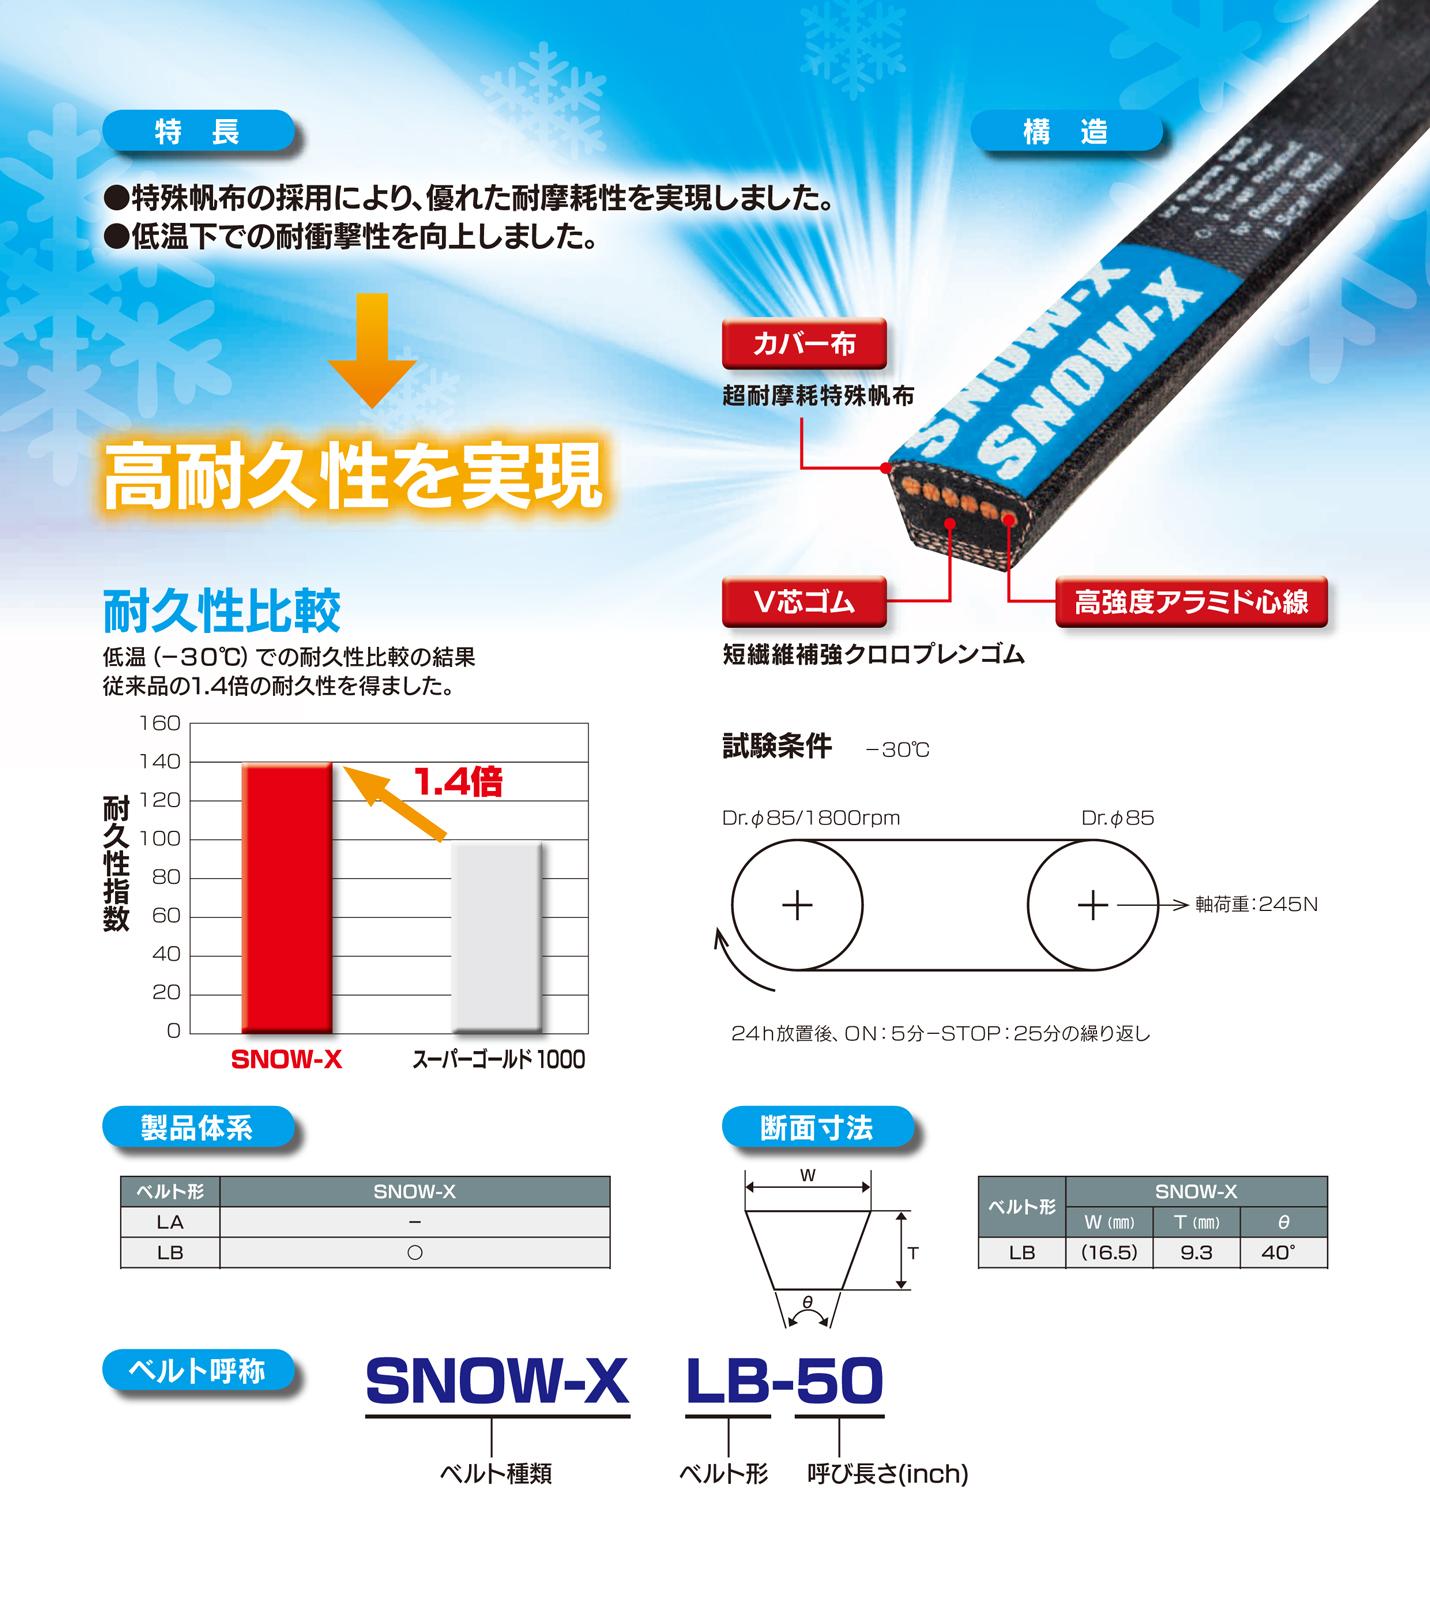 三ツ星ベルト 除雪機用ベルト SNOW-X